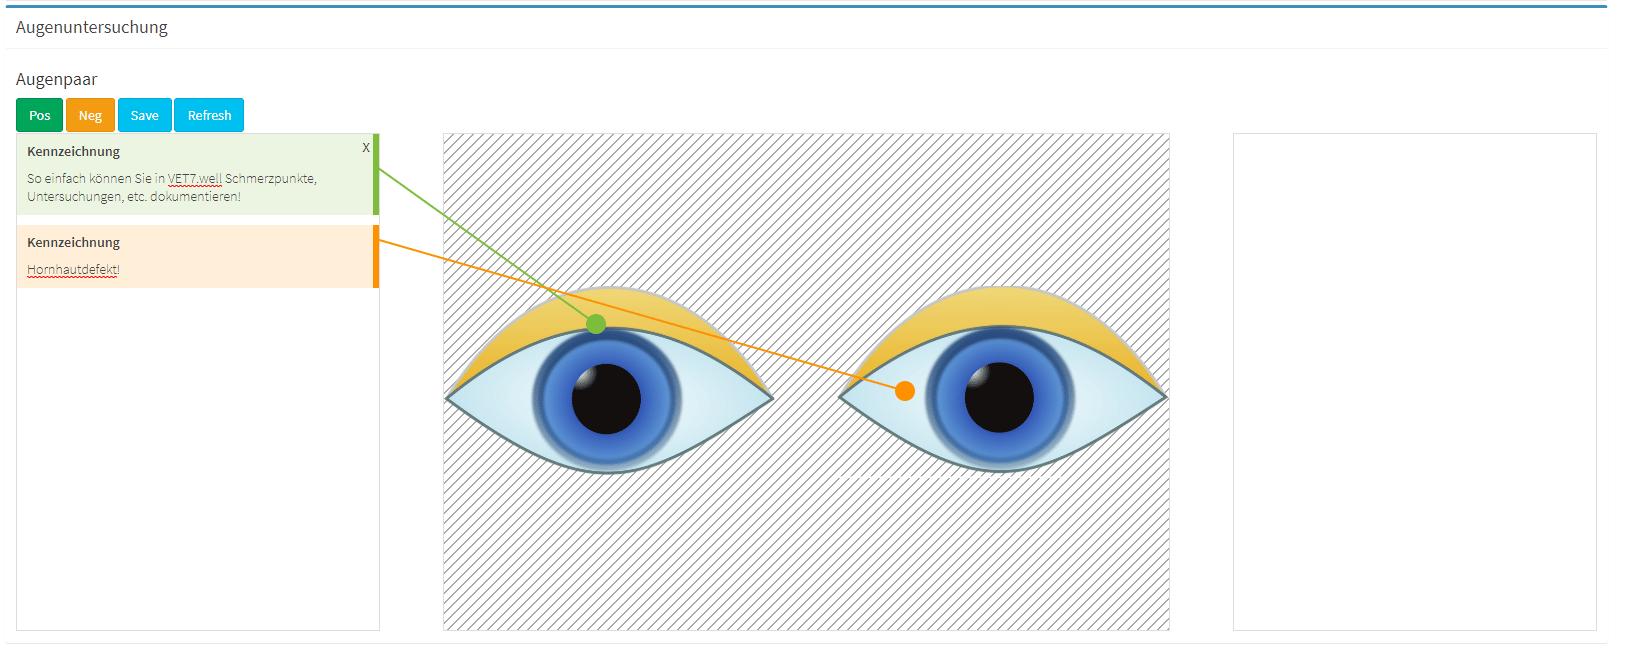 Mit den individuellen Untersuchungsvorlagen in unserer Tierarztsoftware können Sie Schmerzpunkte platzieren, Defekte im Auge kennzeichnen und vieles mehr.